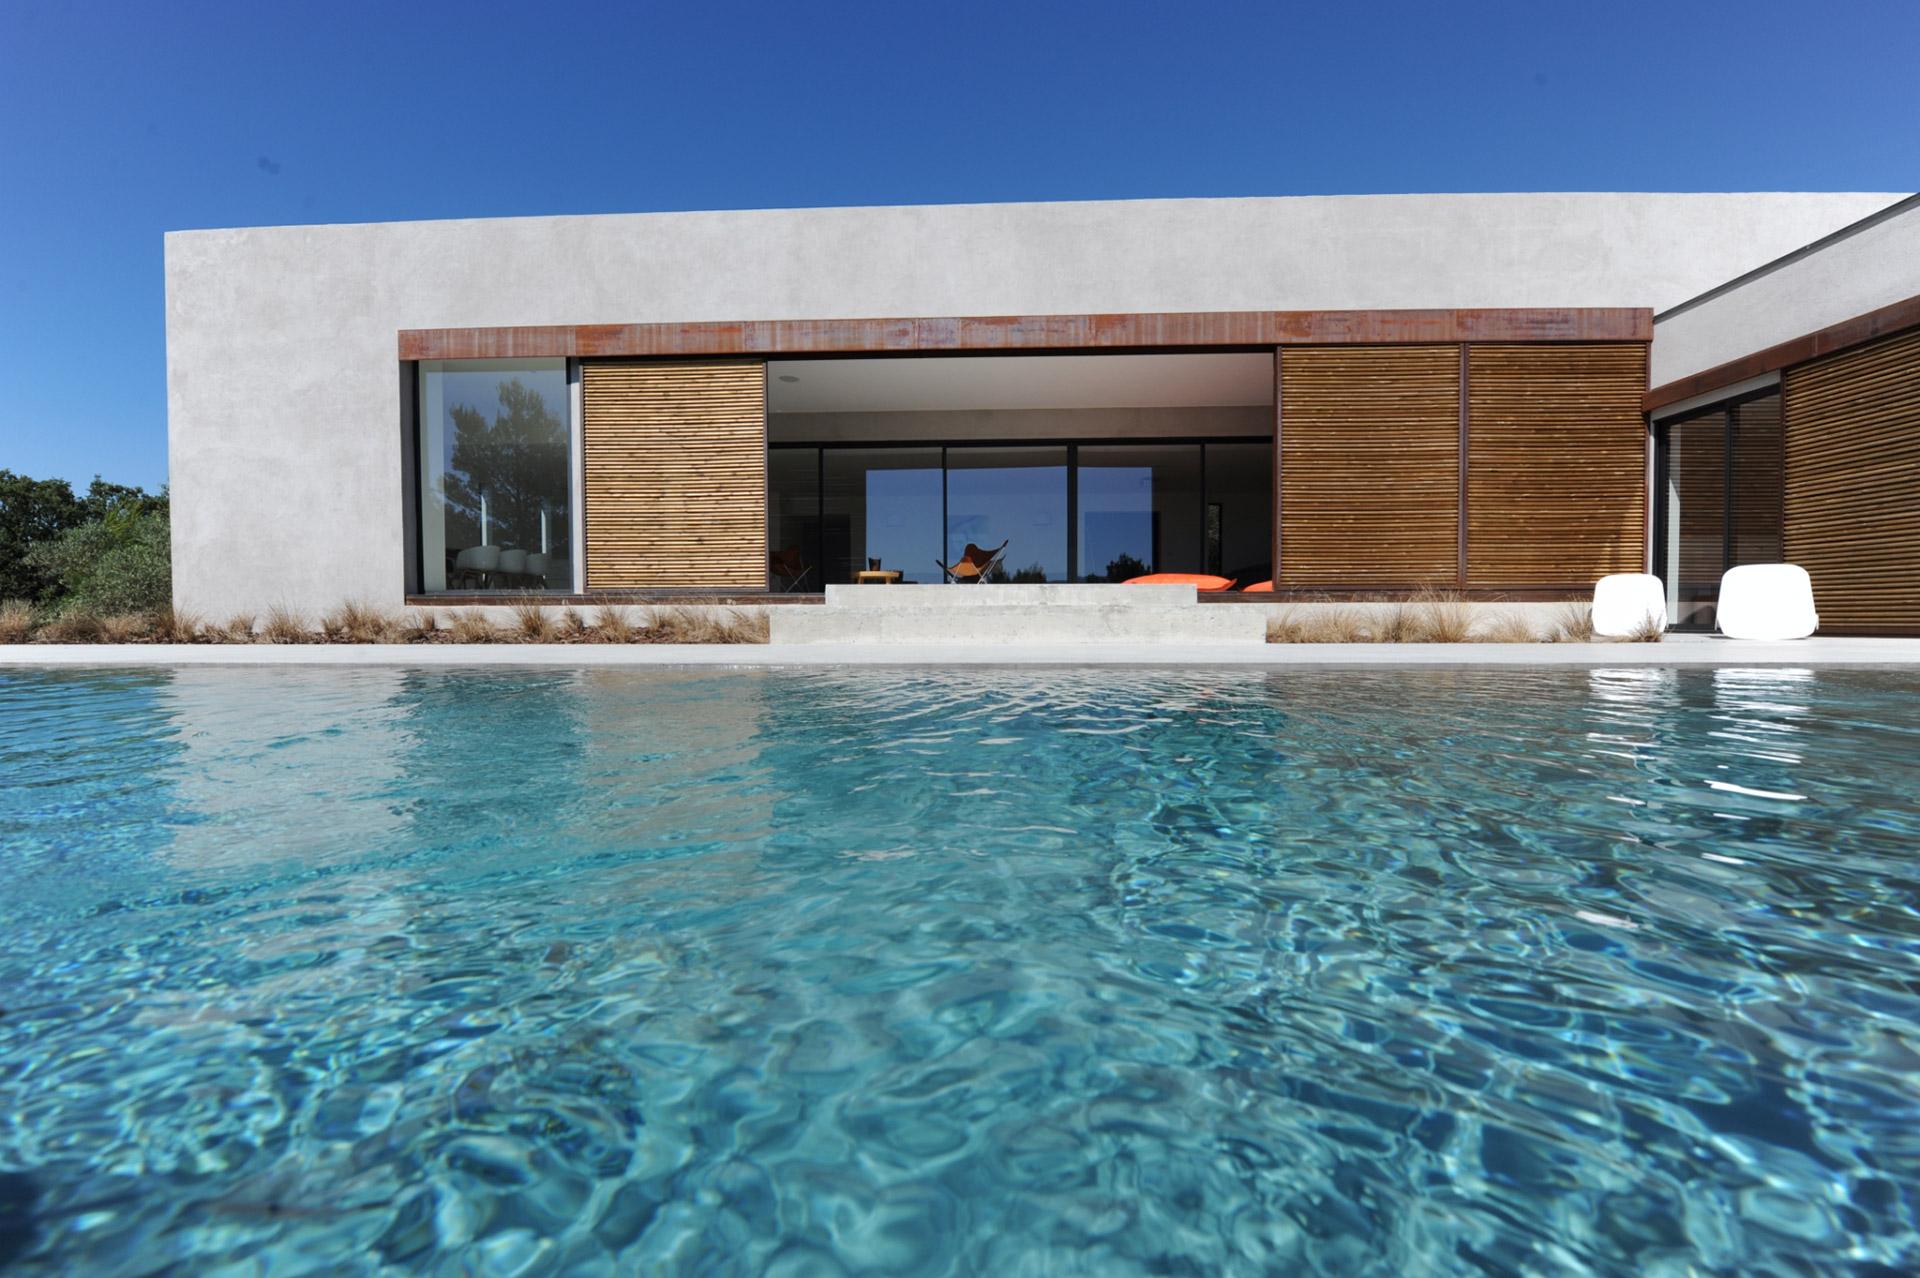 Maison moderne avec piscine a vendre - Piscine moderne ...